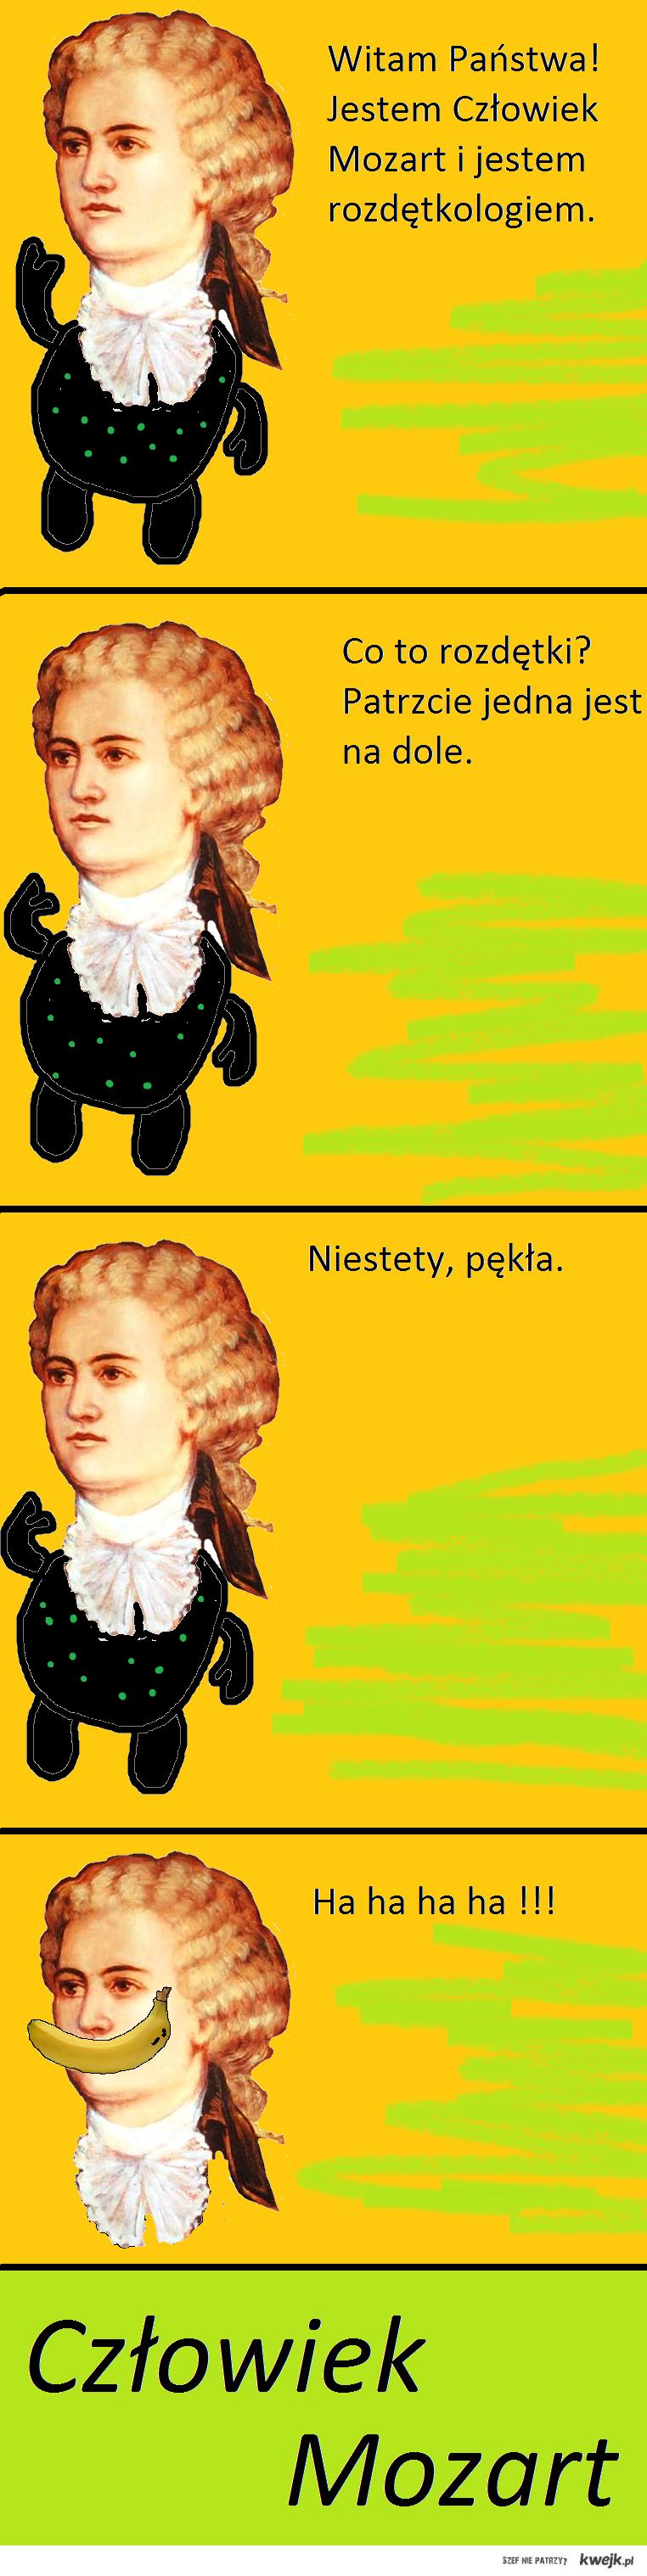 Człowiek Mozart - rozdętkologia